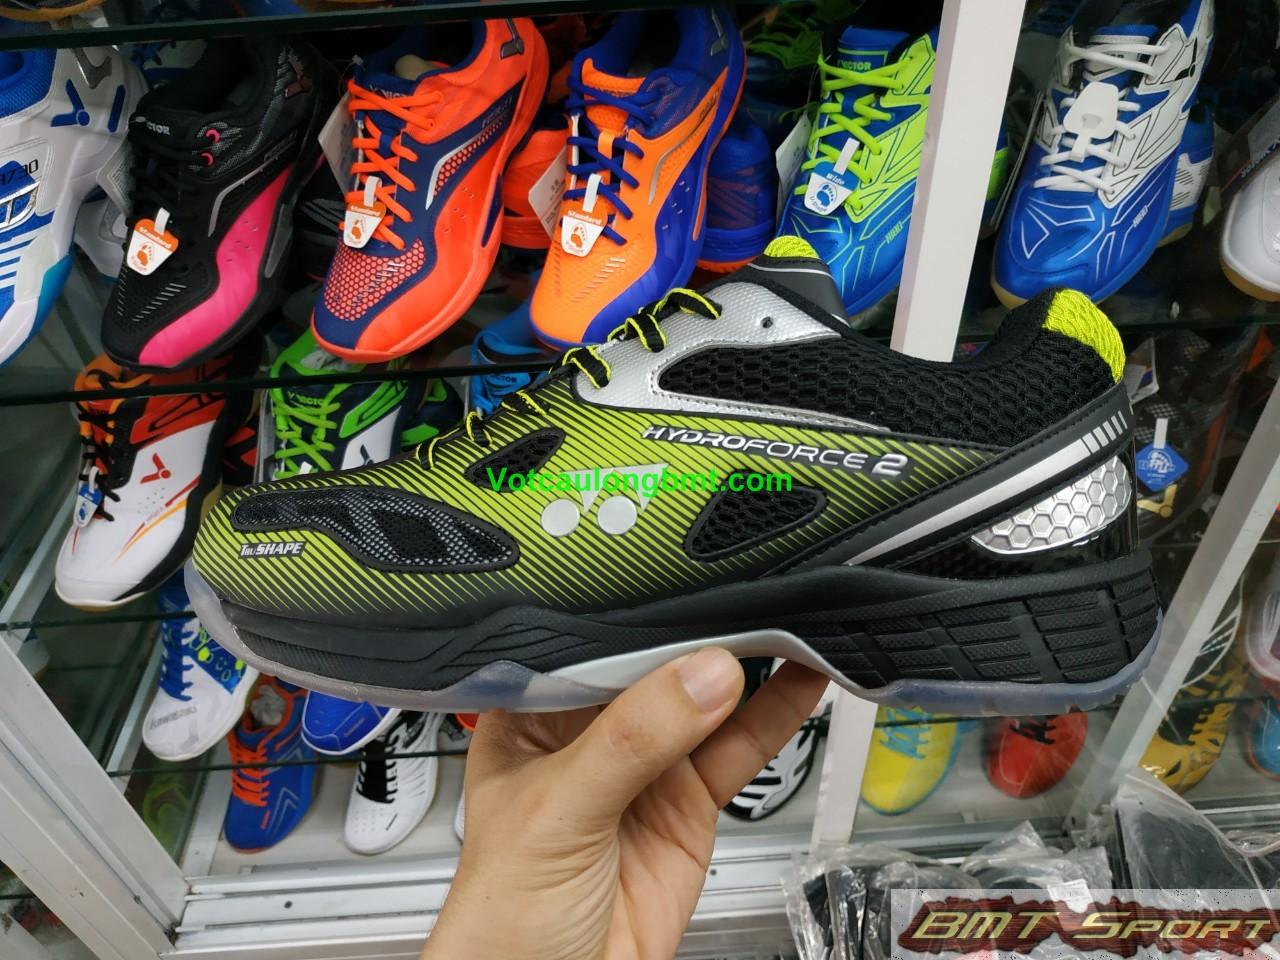 Giày cầu lông Yonex Hydro Force 2 Green